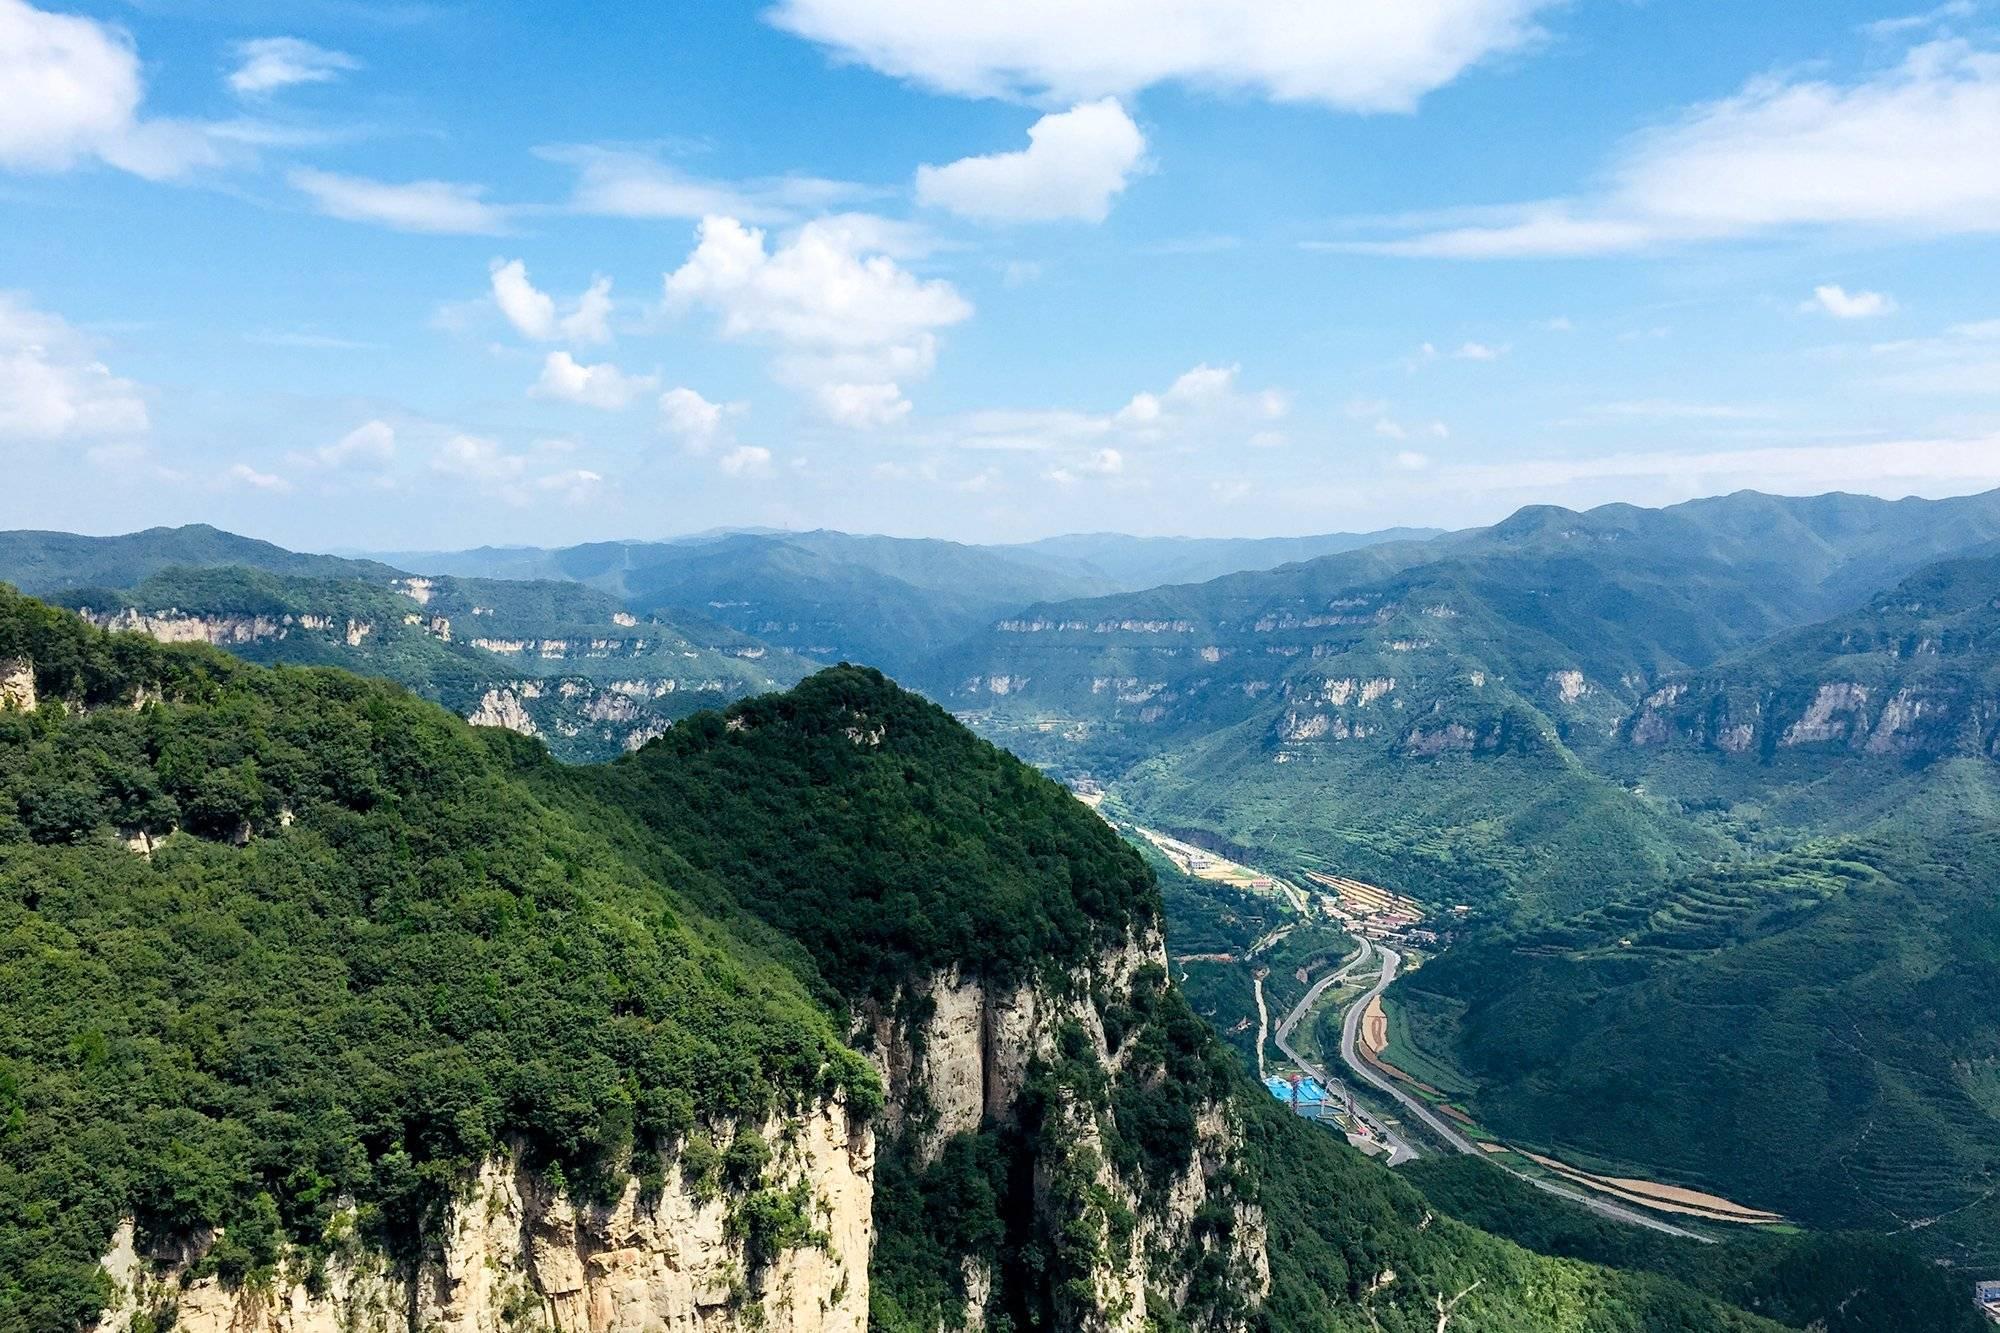 山西名山云丘山旅游攻略,這5個景點不可錯過,你get了嗎?